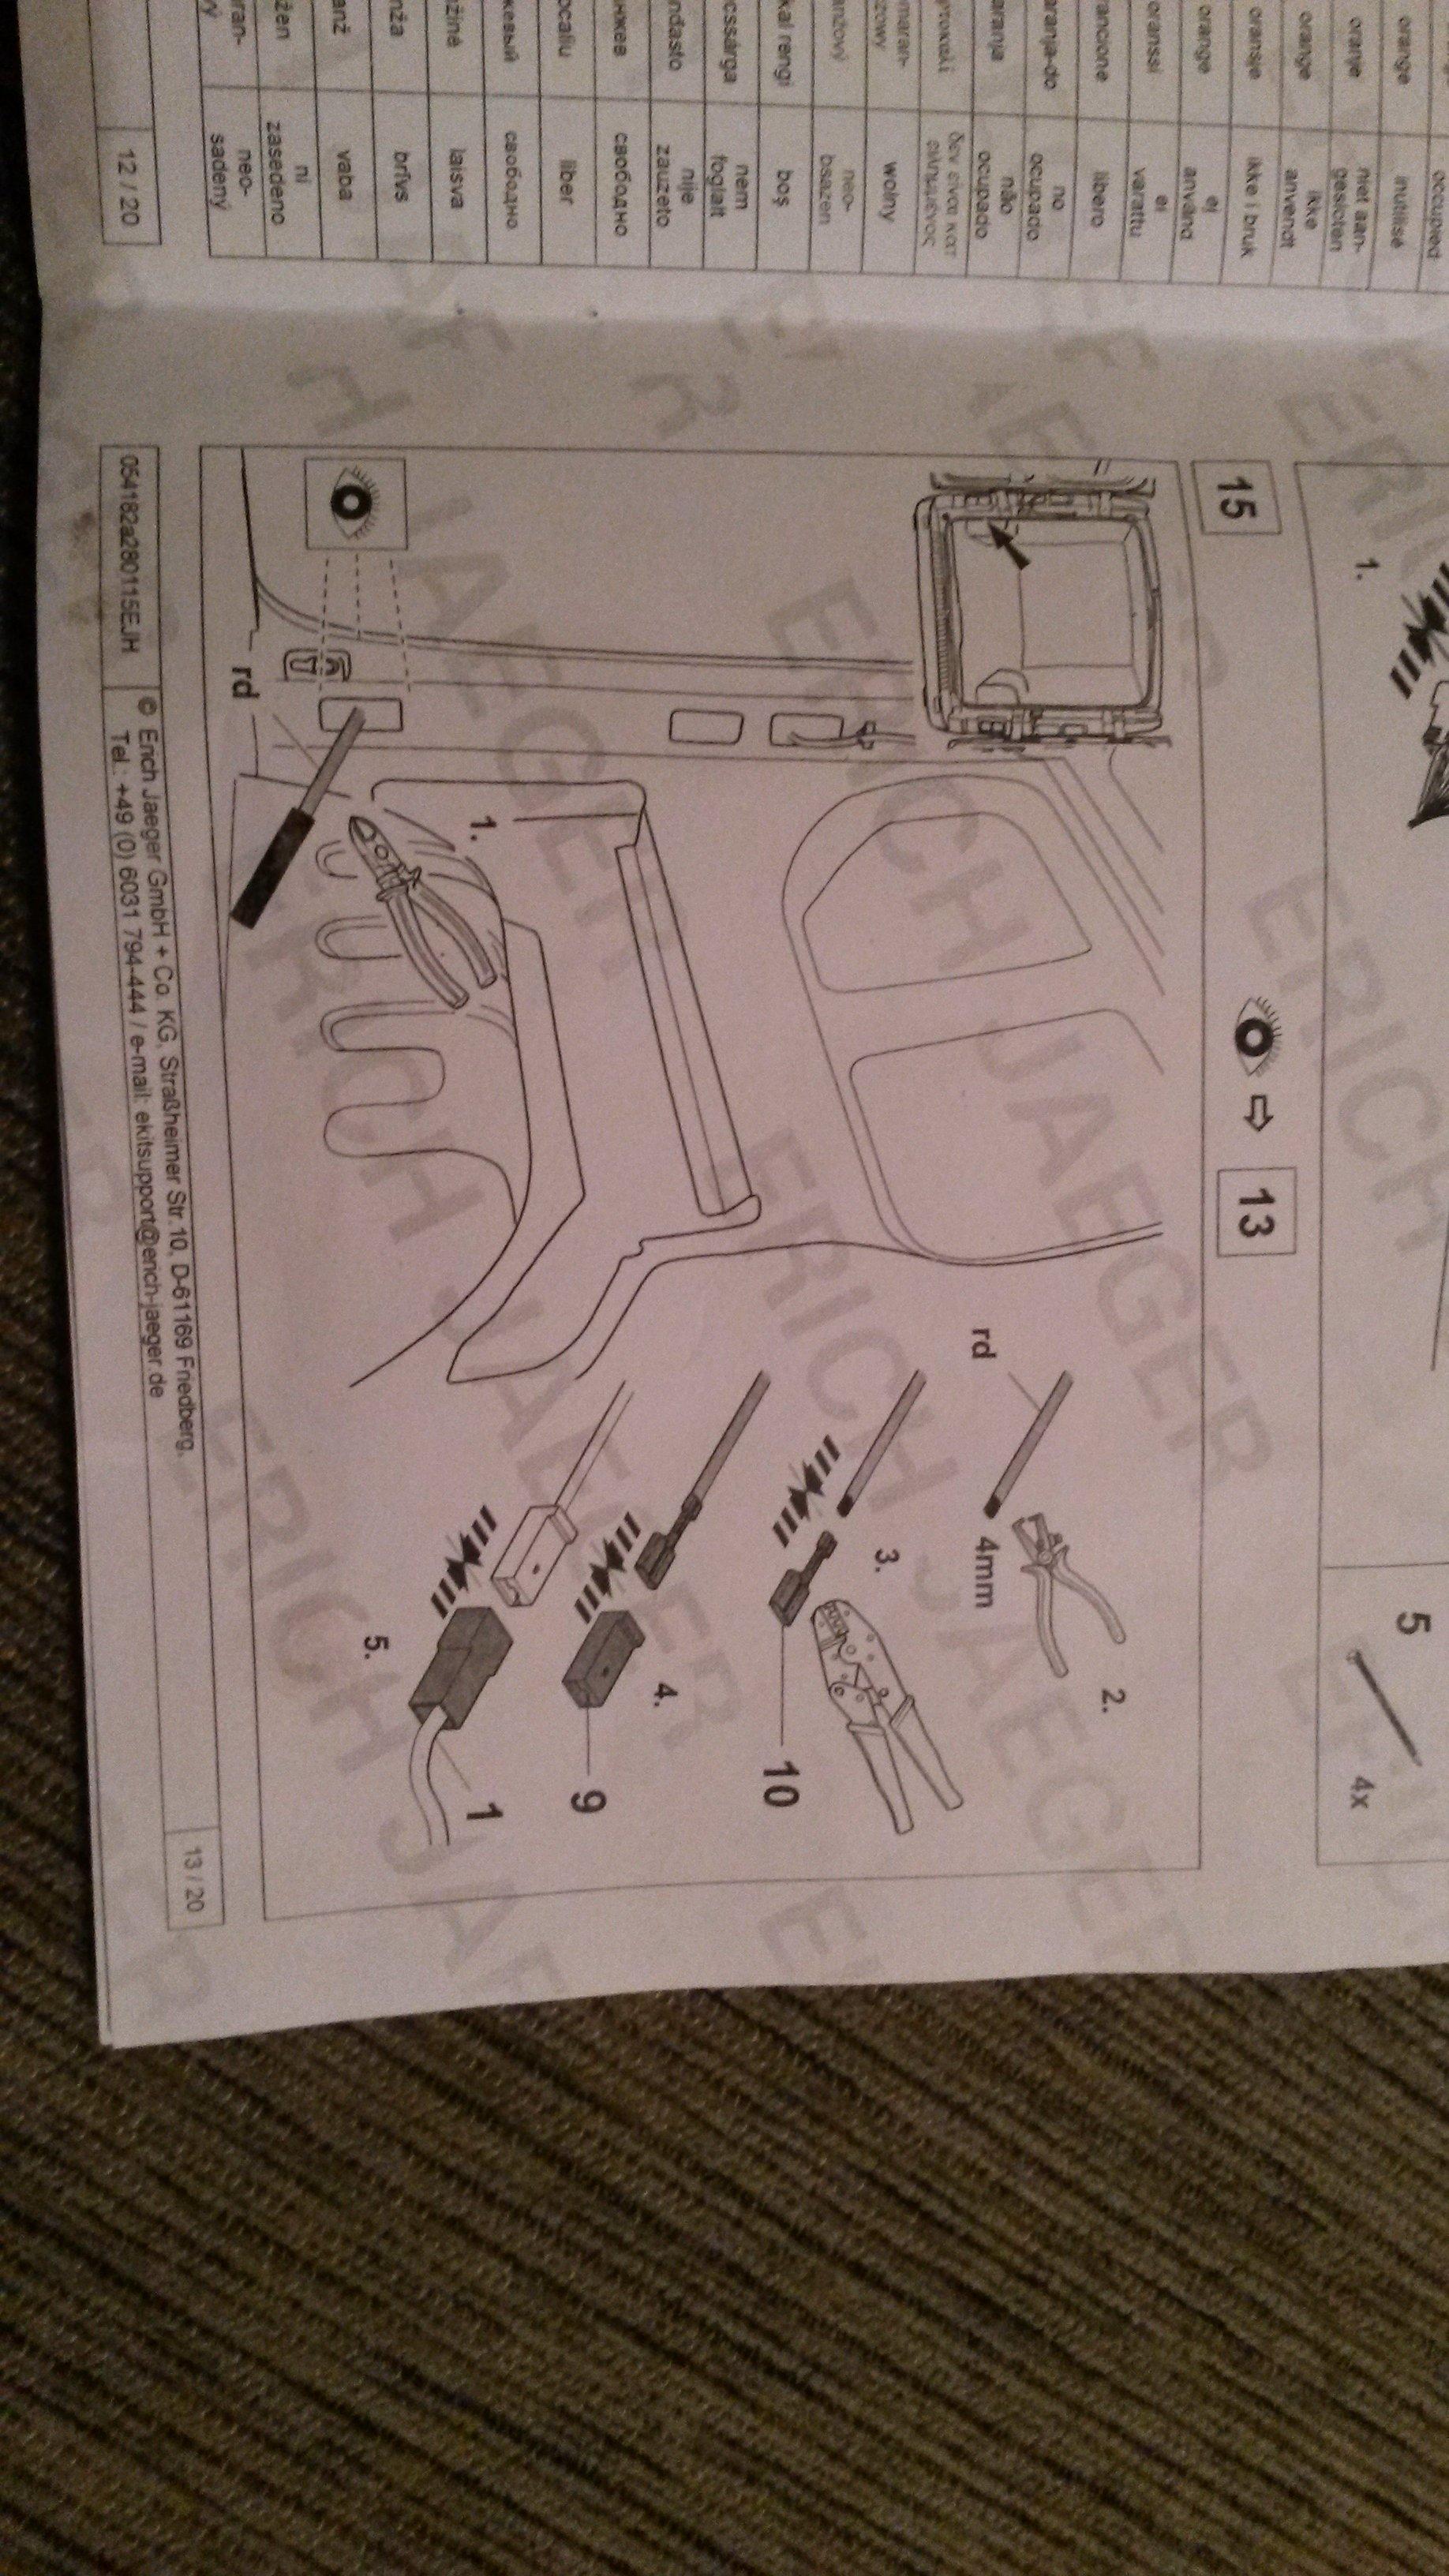 Towbar Wiring Diagram Renault Trafic